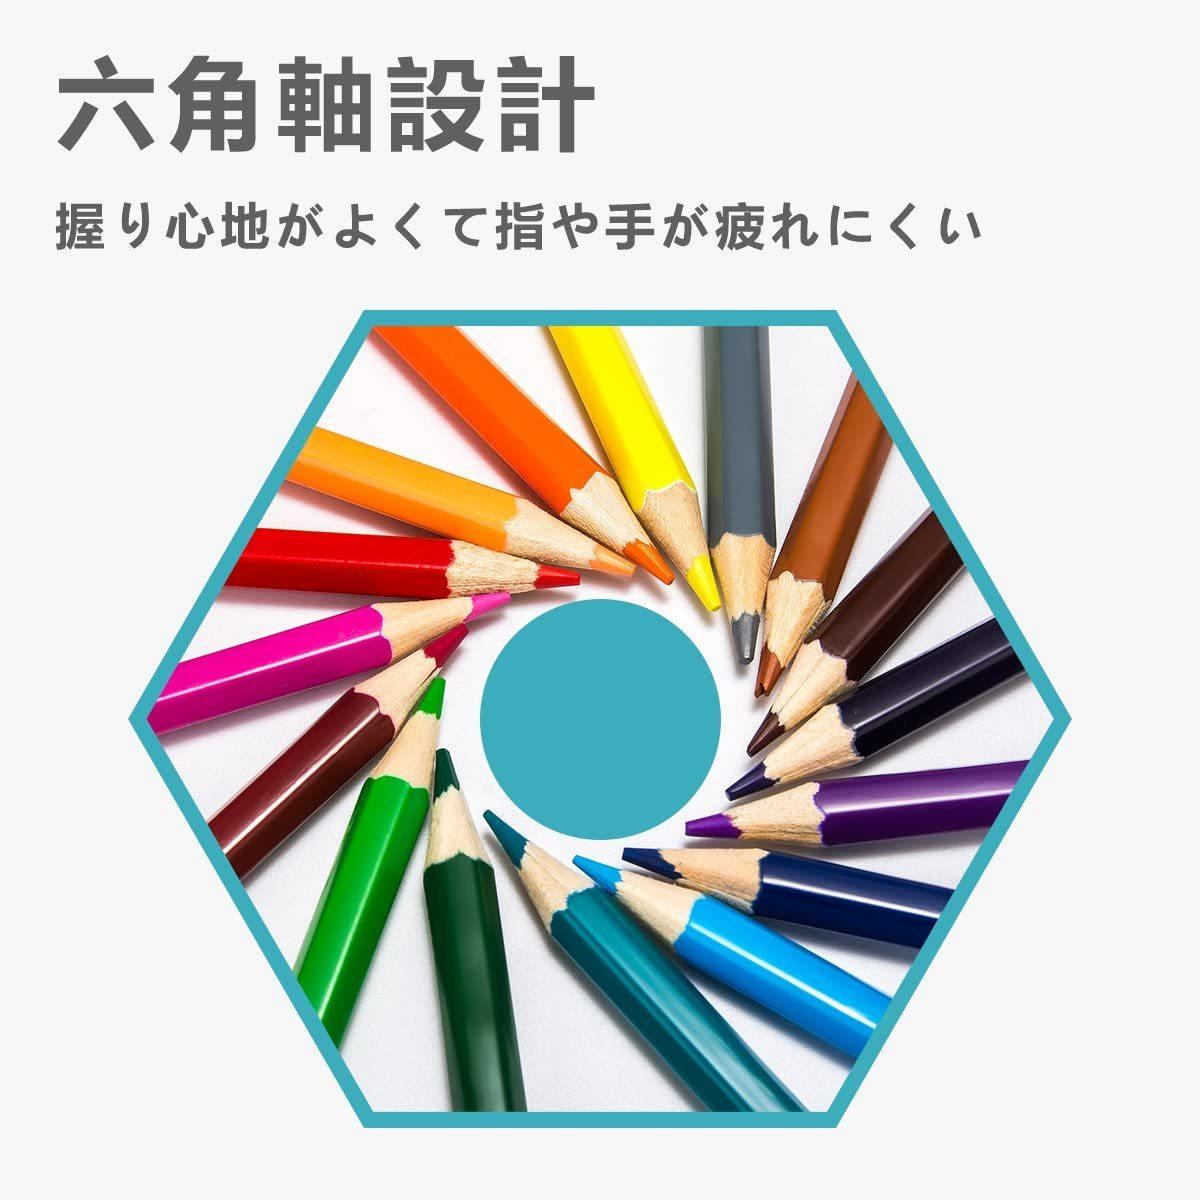 MEGICOT 色鉛筆 72色 油性色鉛筆 塗り絵 描き用 収納ケース付き 鉛筆削り付き 携帯便利_画像6